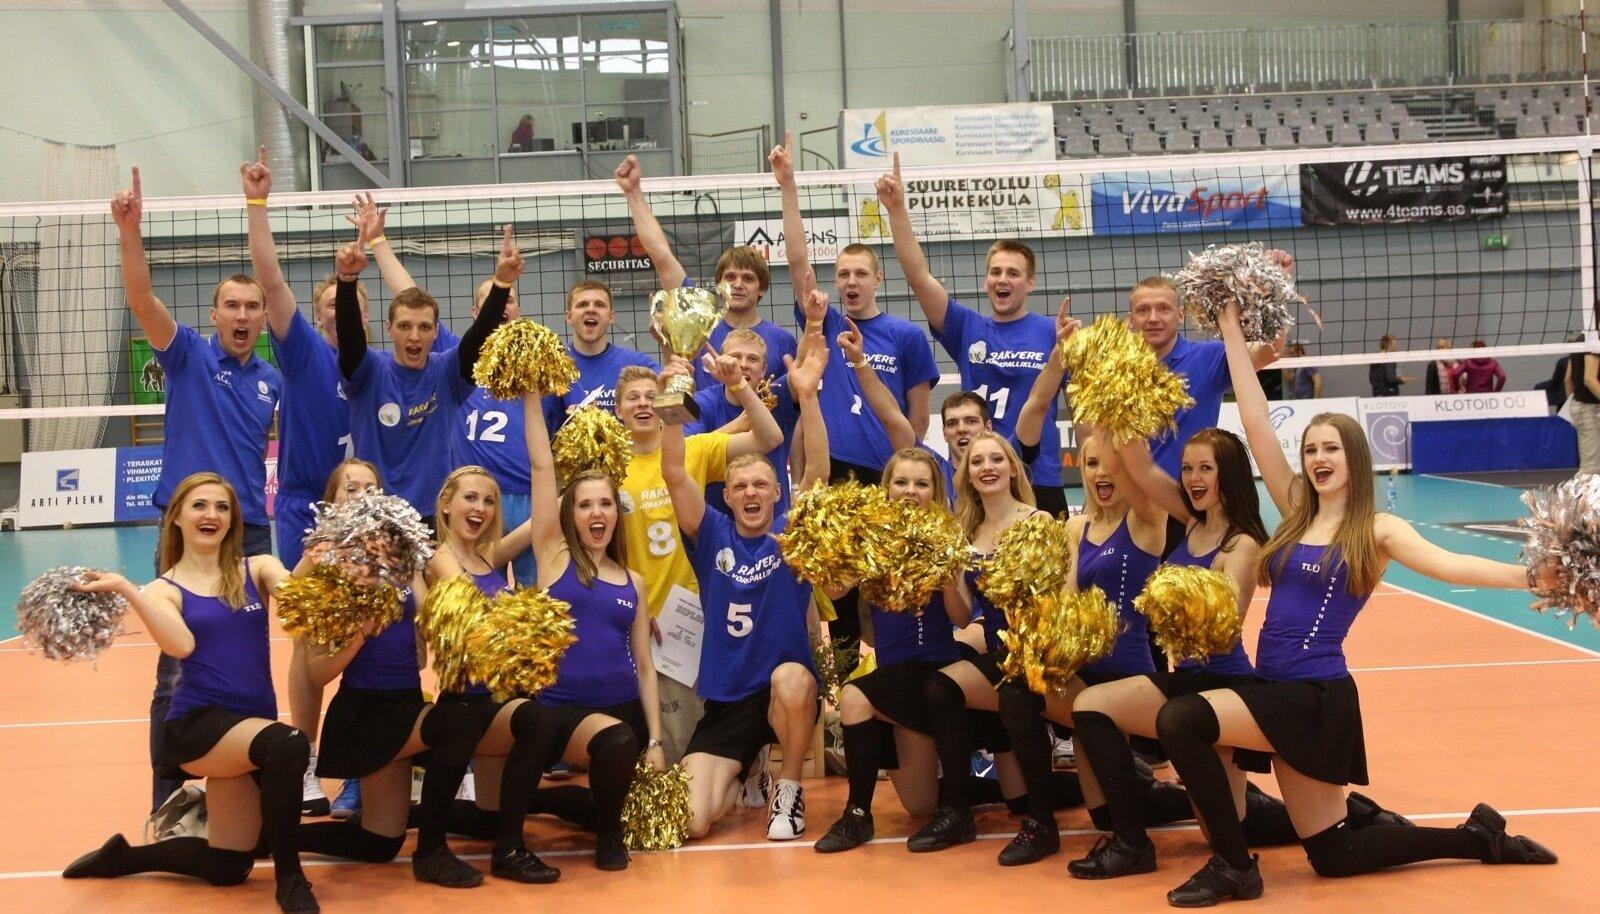 Linnade karikas võrkpallis 2014, võitja Rakvere vk